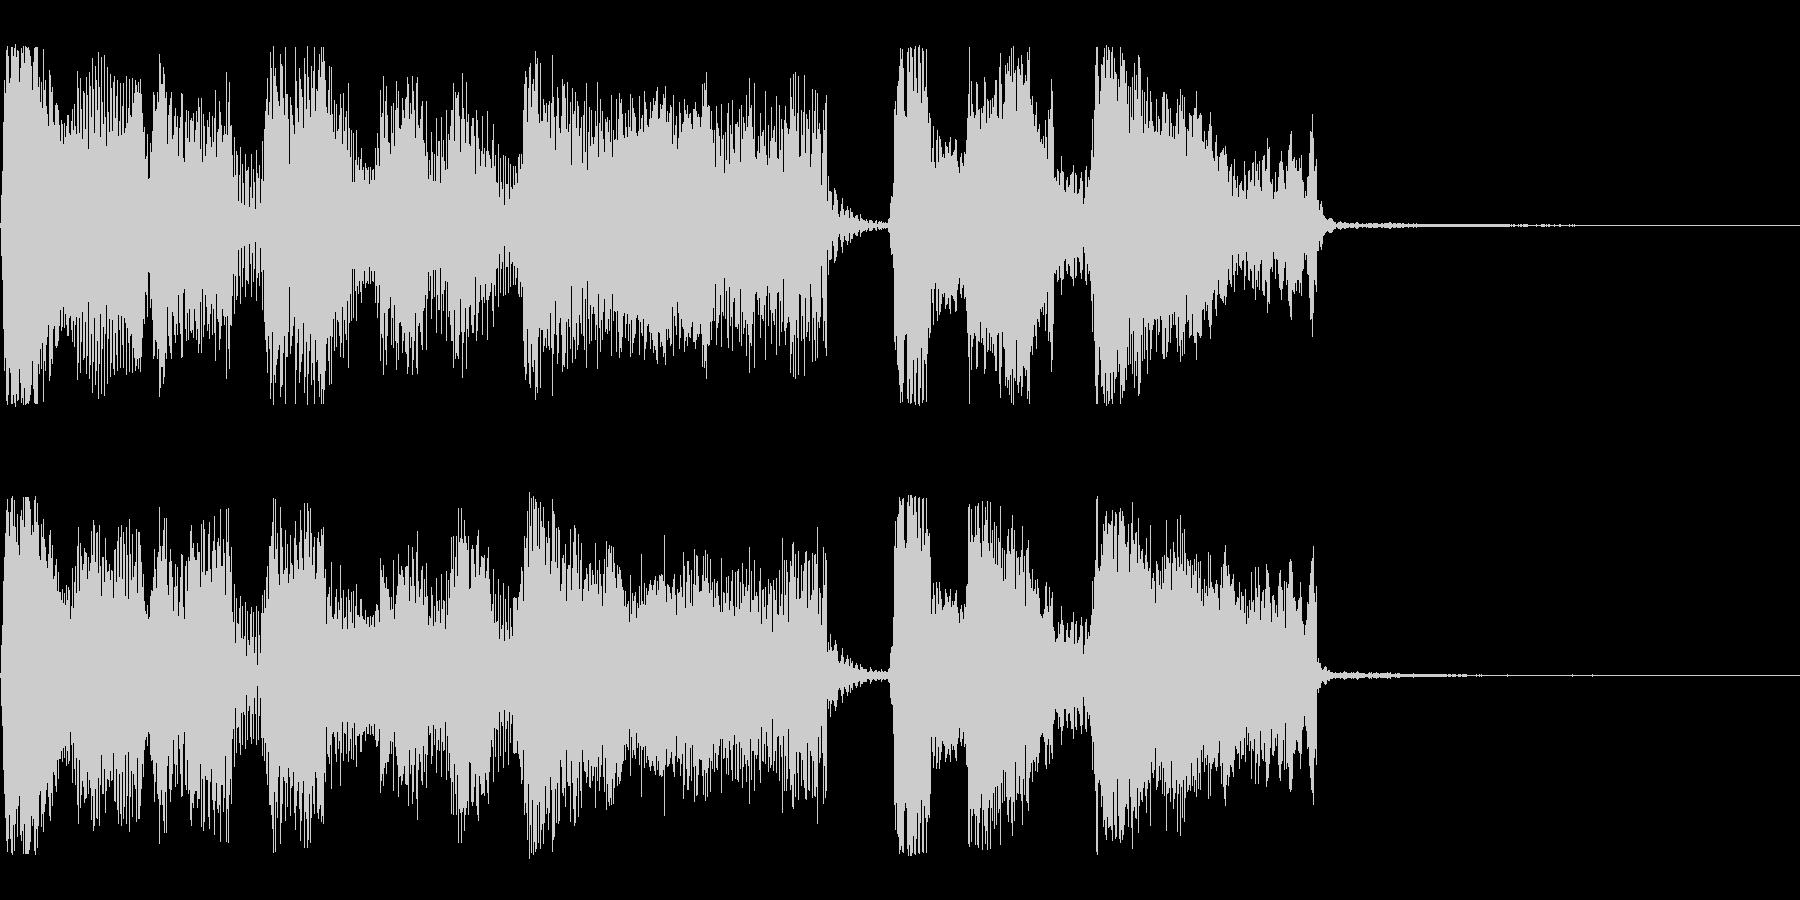 【パステルカラー1】の未再生の波形